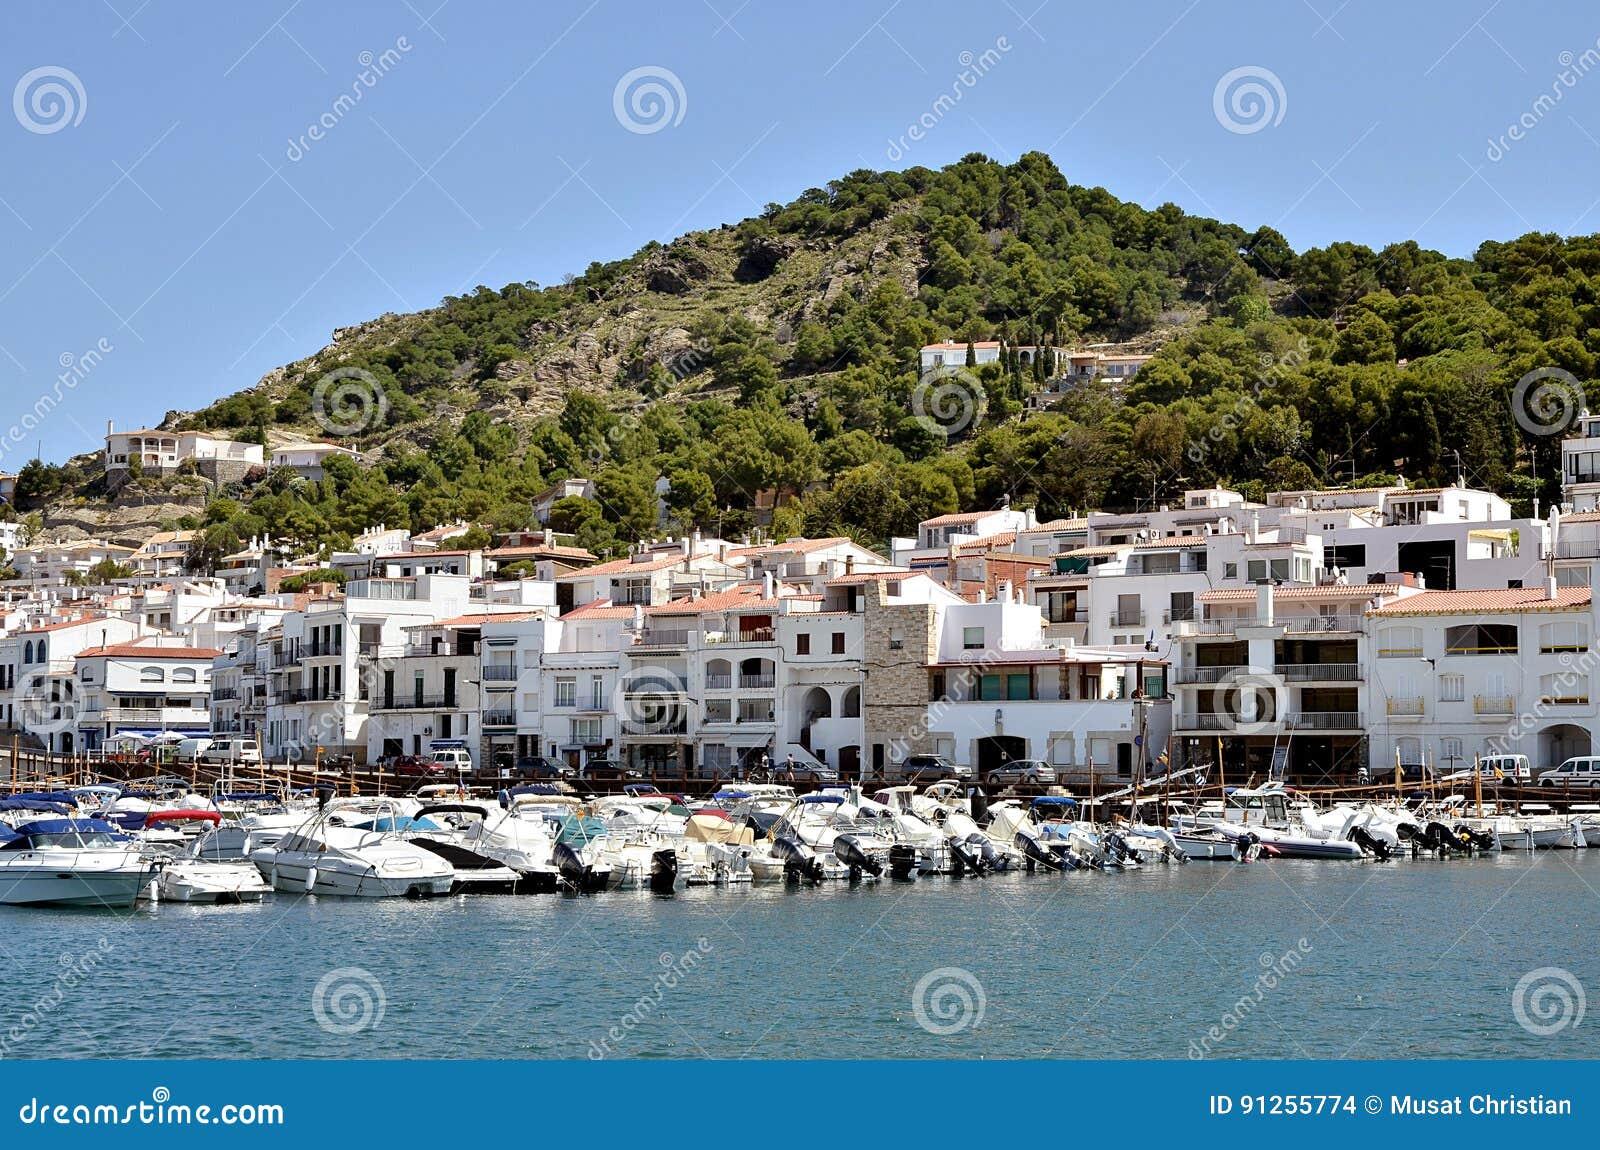 Harbor El Port De La Selva In Spain Editorial Stock Image Image